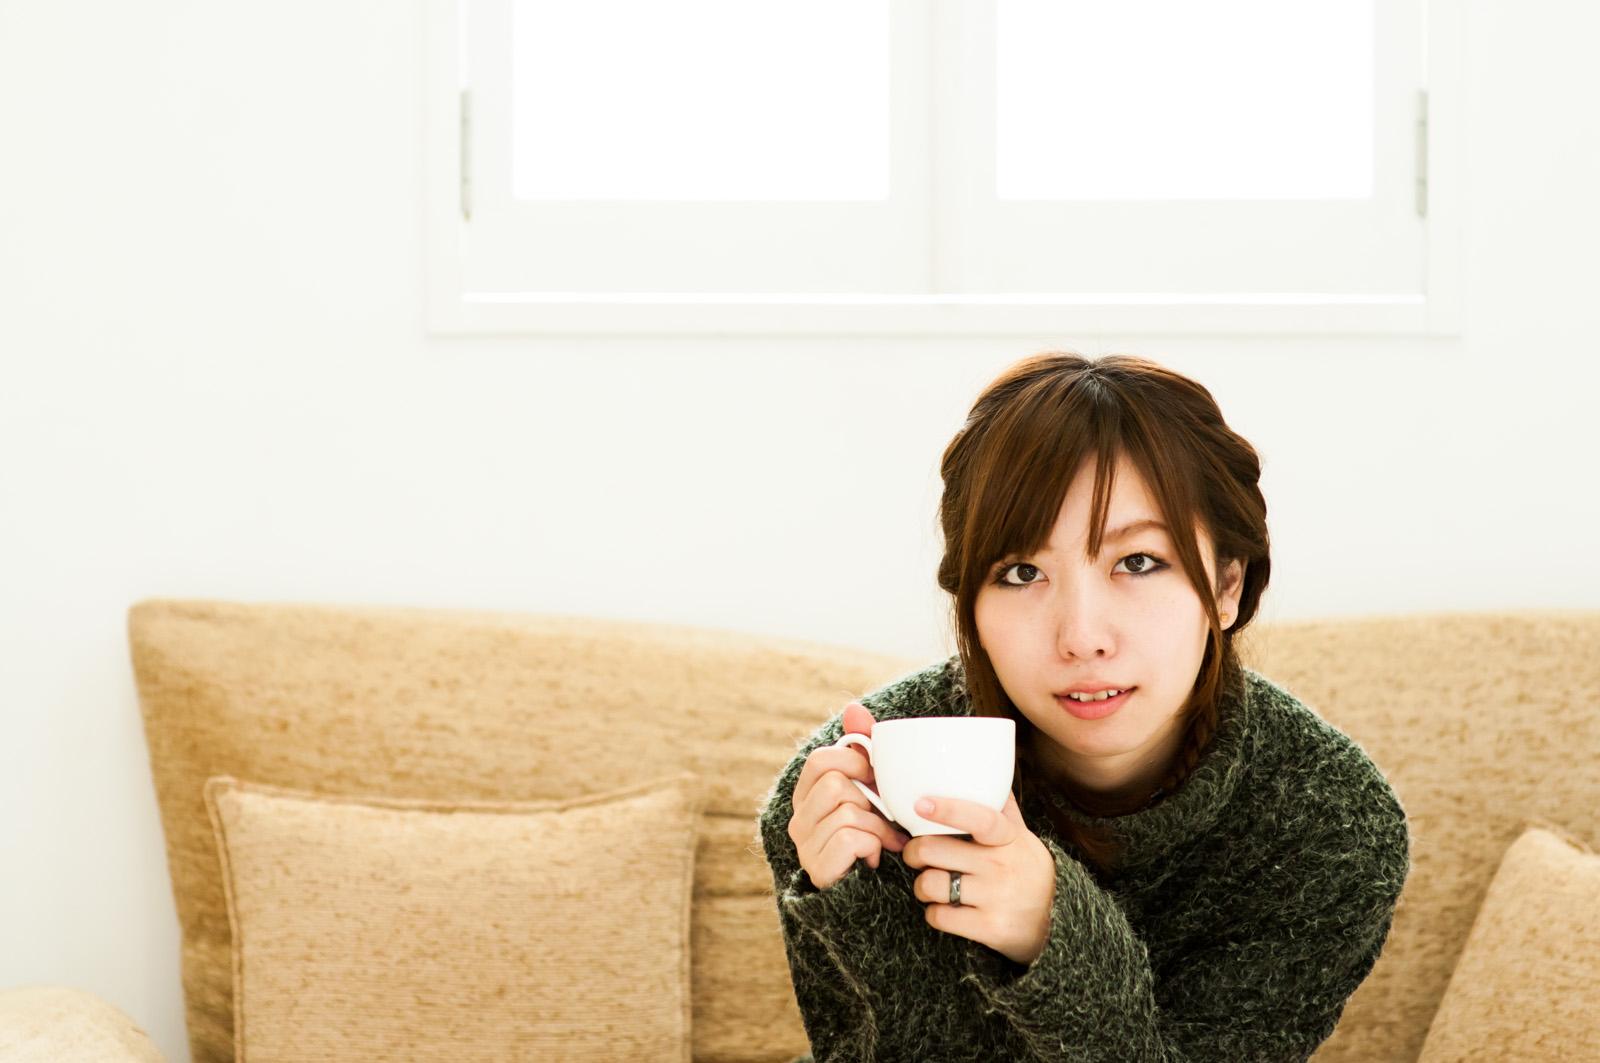 あれ・・私紅茶って言わなかったっけ? なんでコーヒーなの?ねぇ、なんで? はい、や~り~な~お~し!